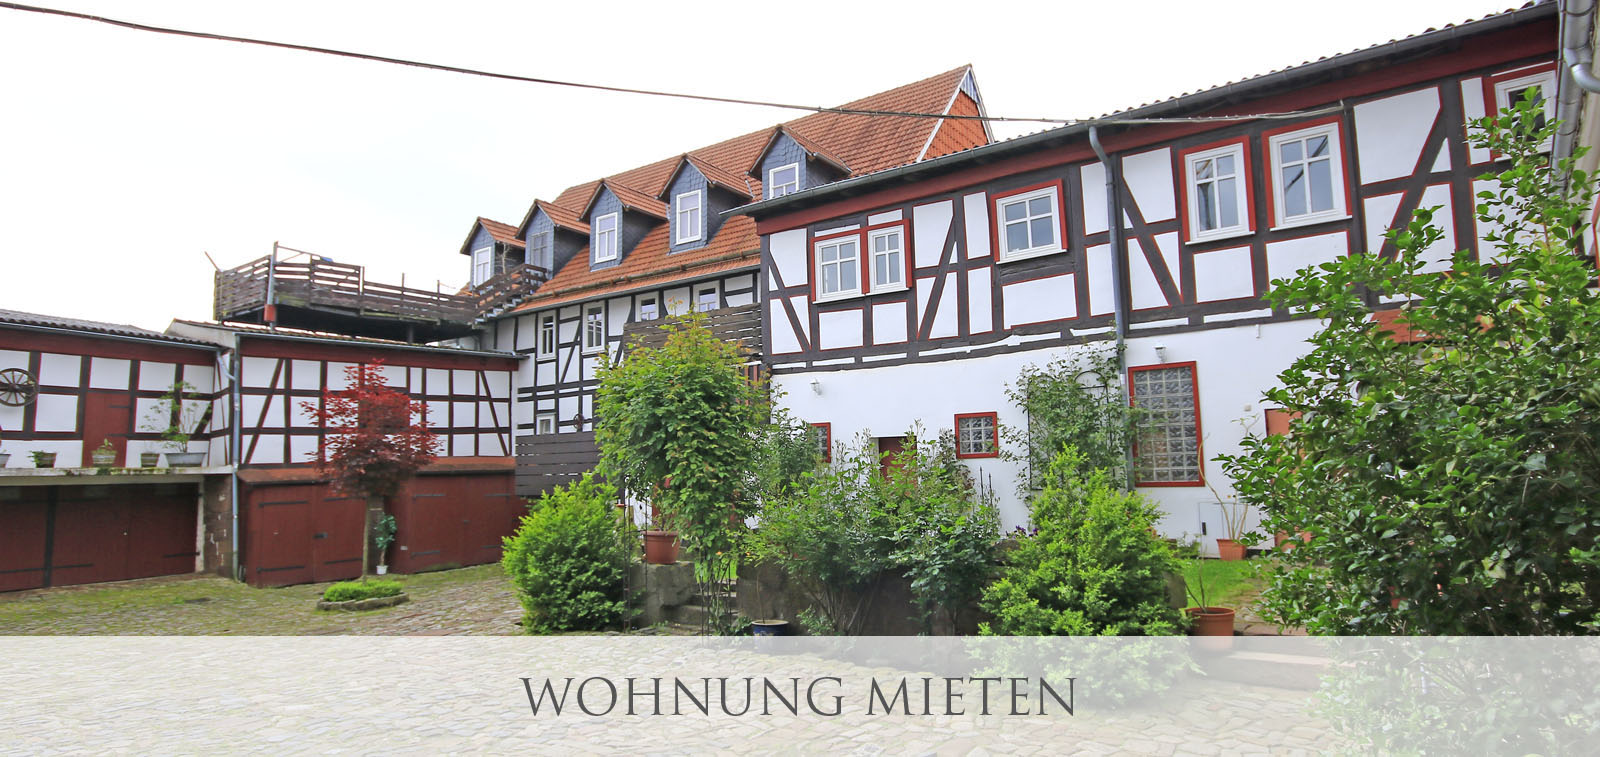 Wohnung mieten Grebenstein